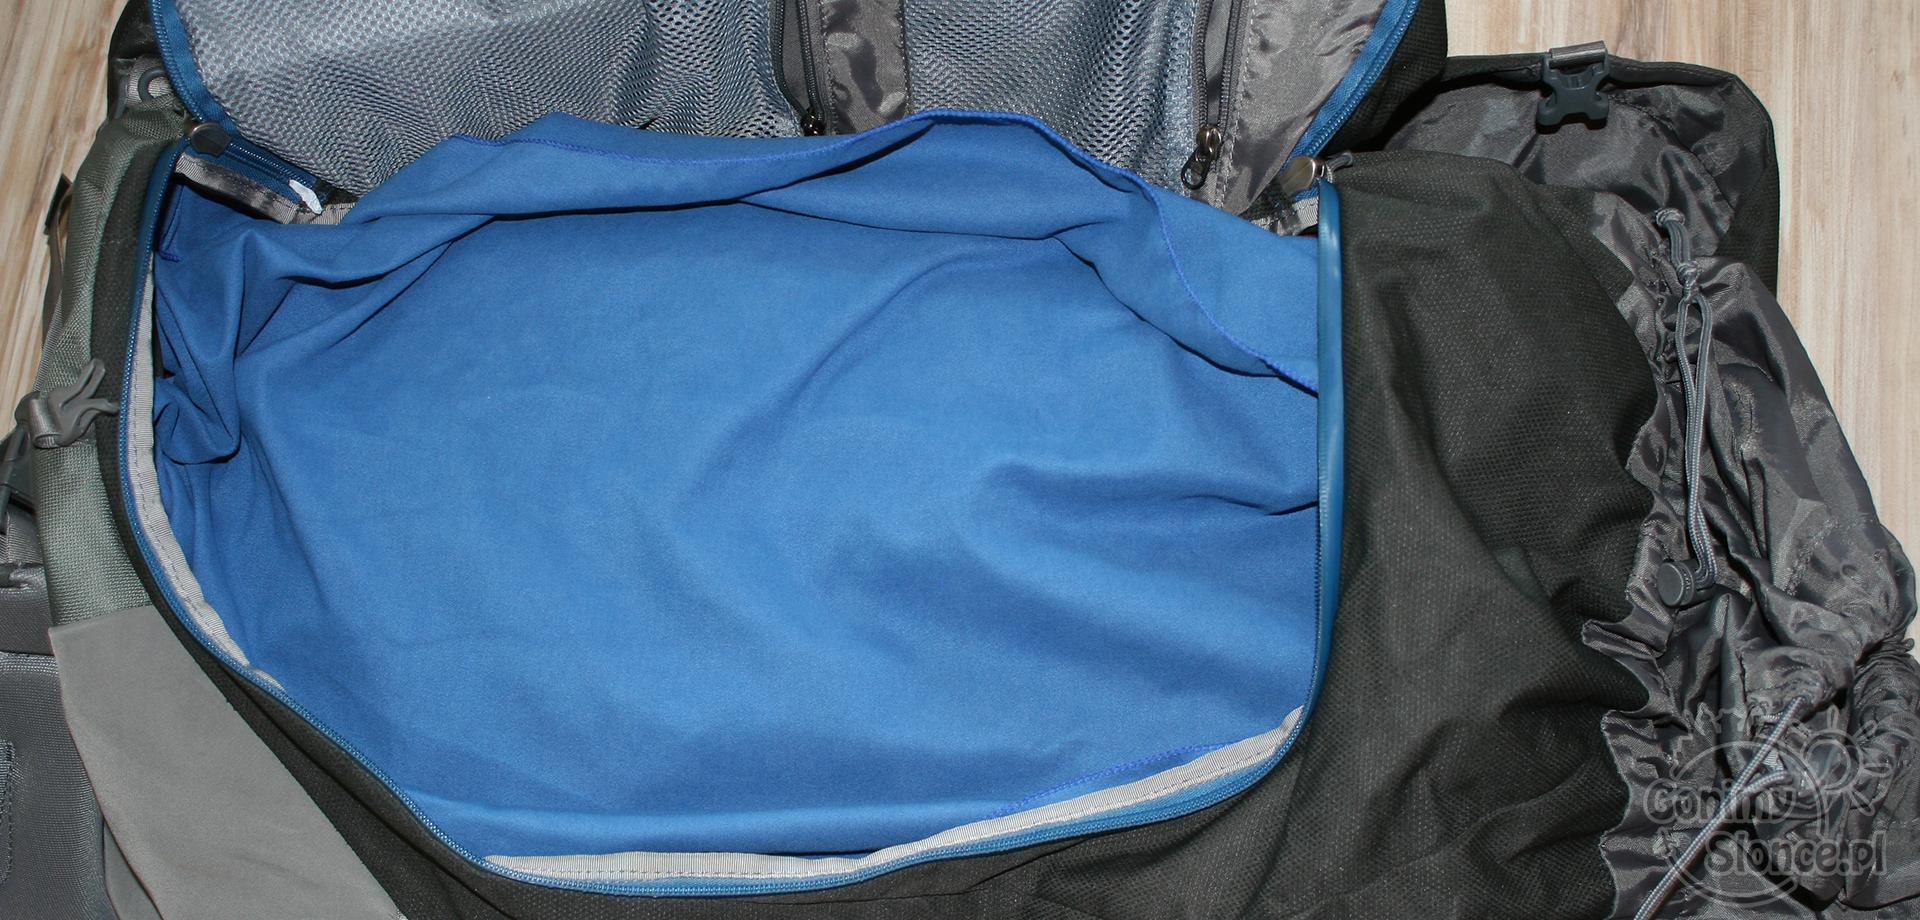 turystyczne gadżety - plecak podróżny z zamkiem